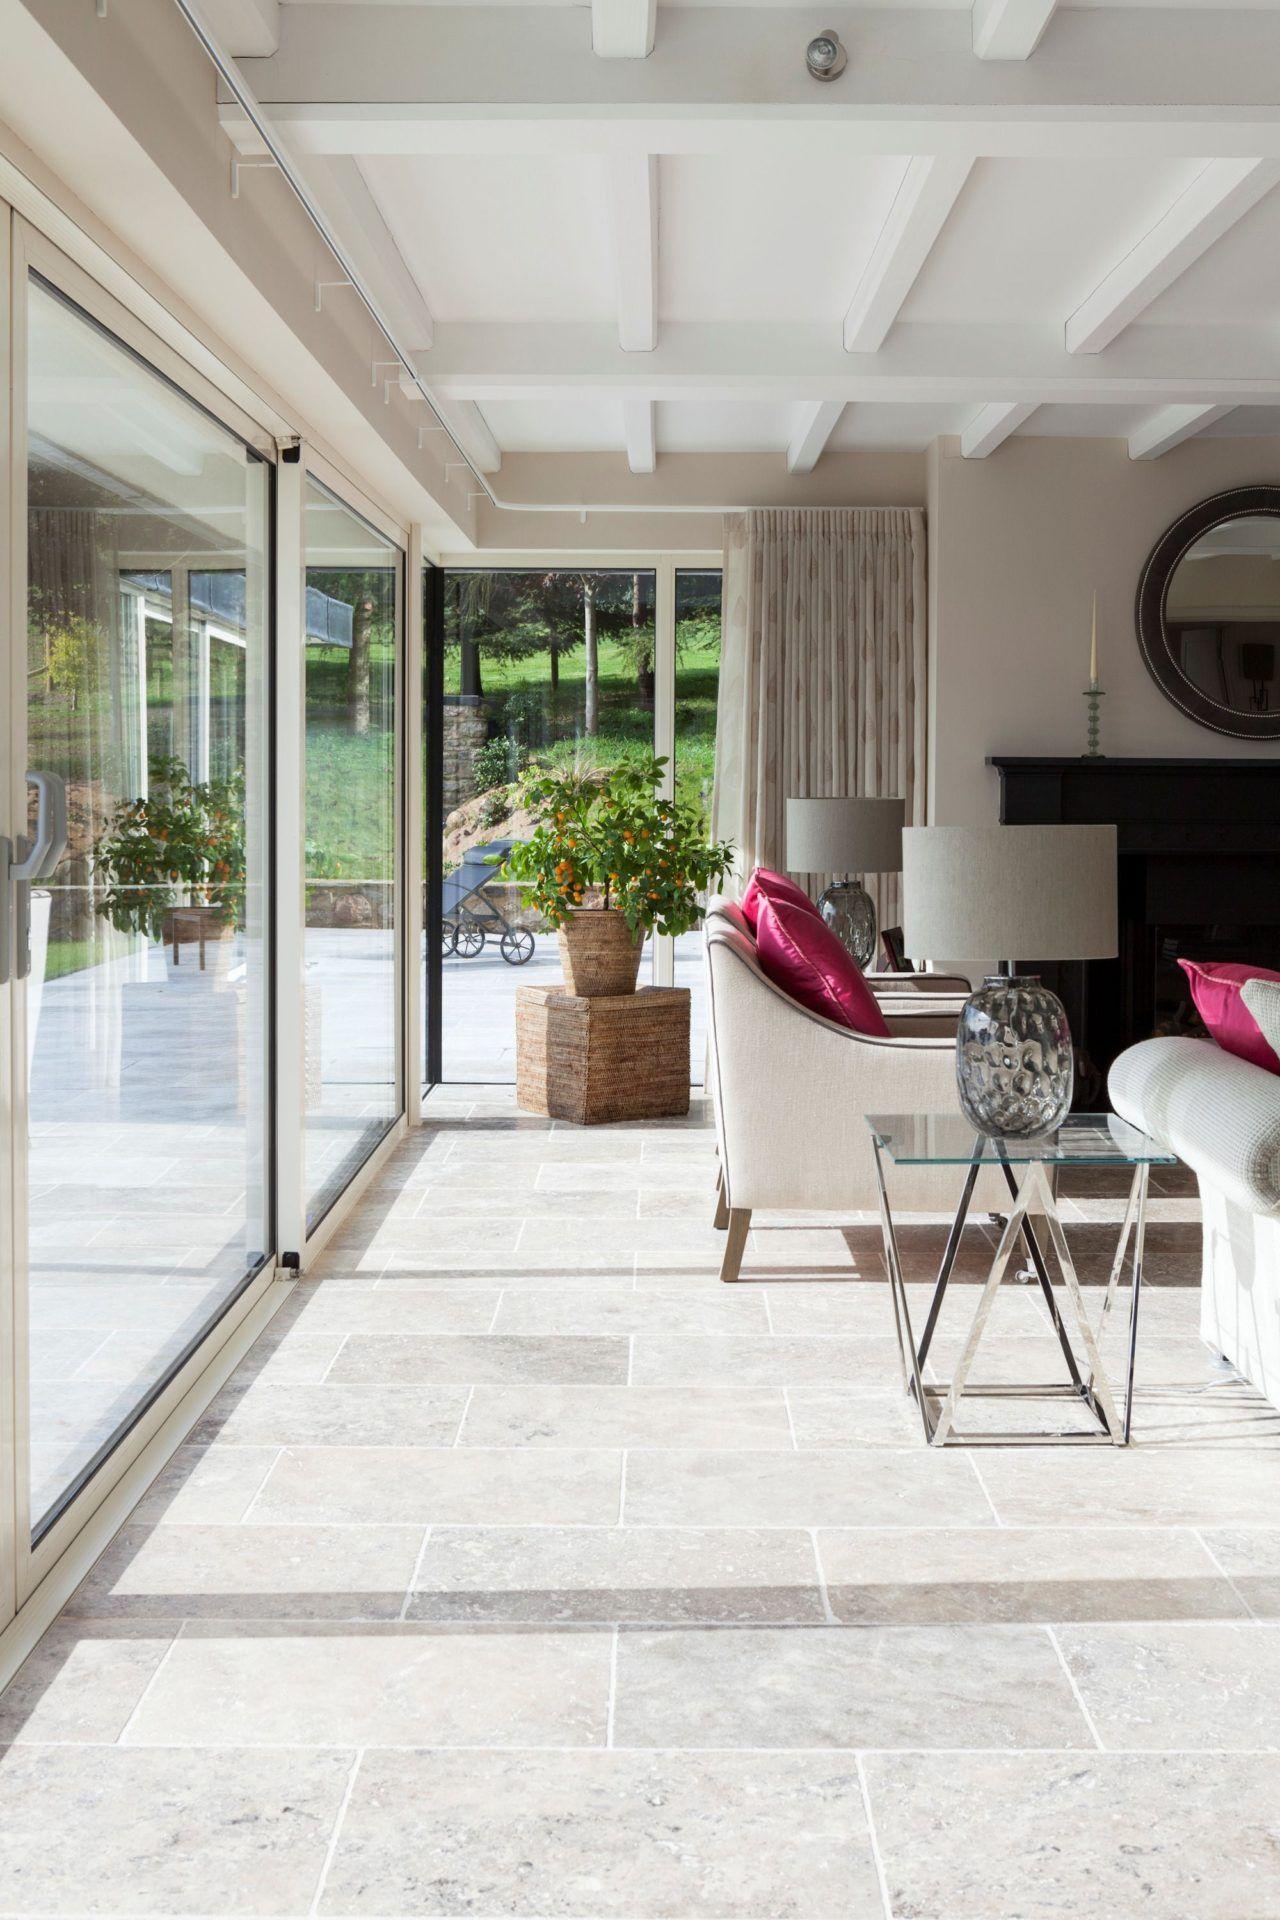 Silver Tumbled Travertine Tile Mandarin Stone Travertine Floors Living Room Tumbled Travertine Tile Travertine Floors #stone #flooring #living #room